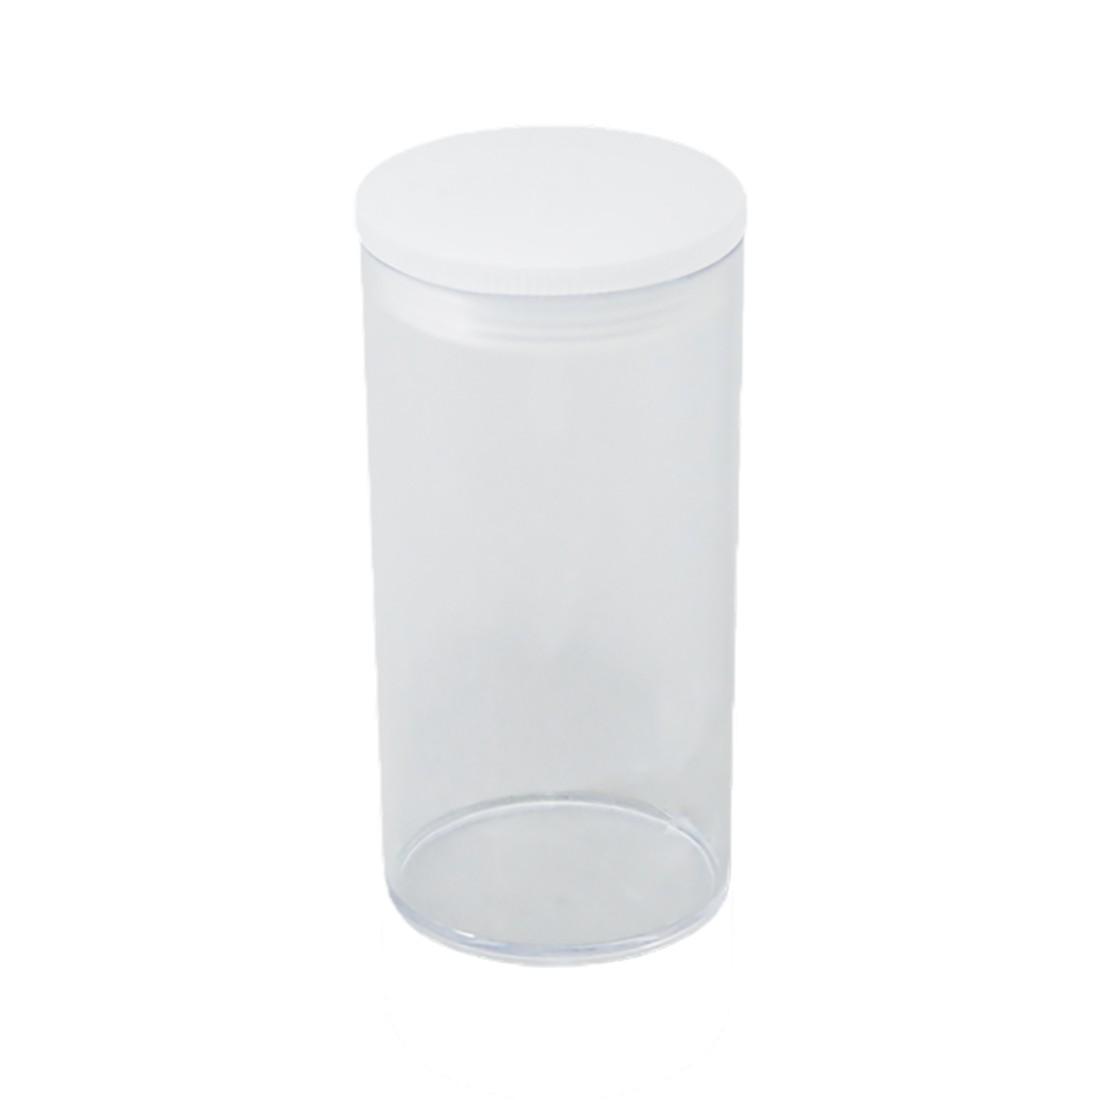 Potinho de Acrílico Cristal 23 ml kit com 40 unid